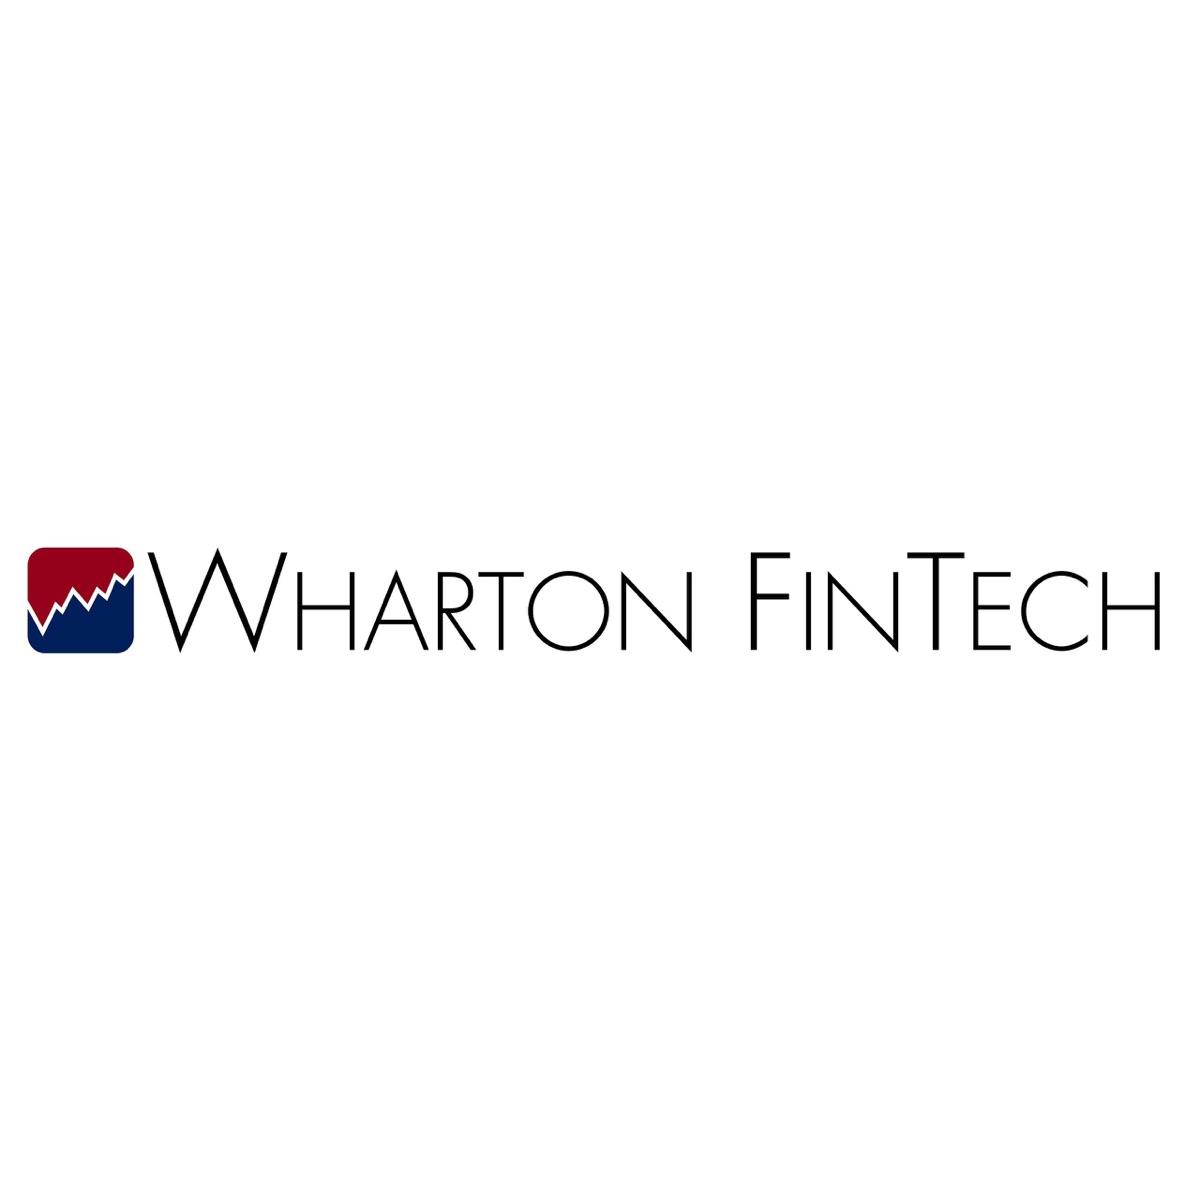 Wharton FinTech Podcast